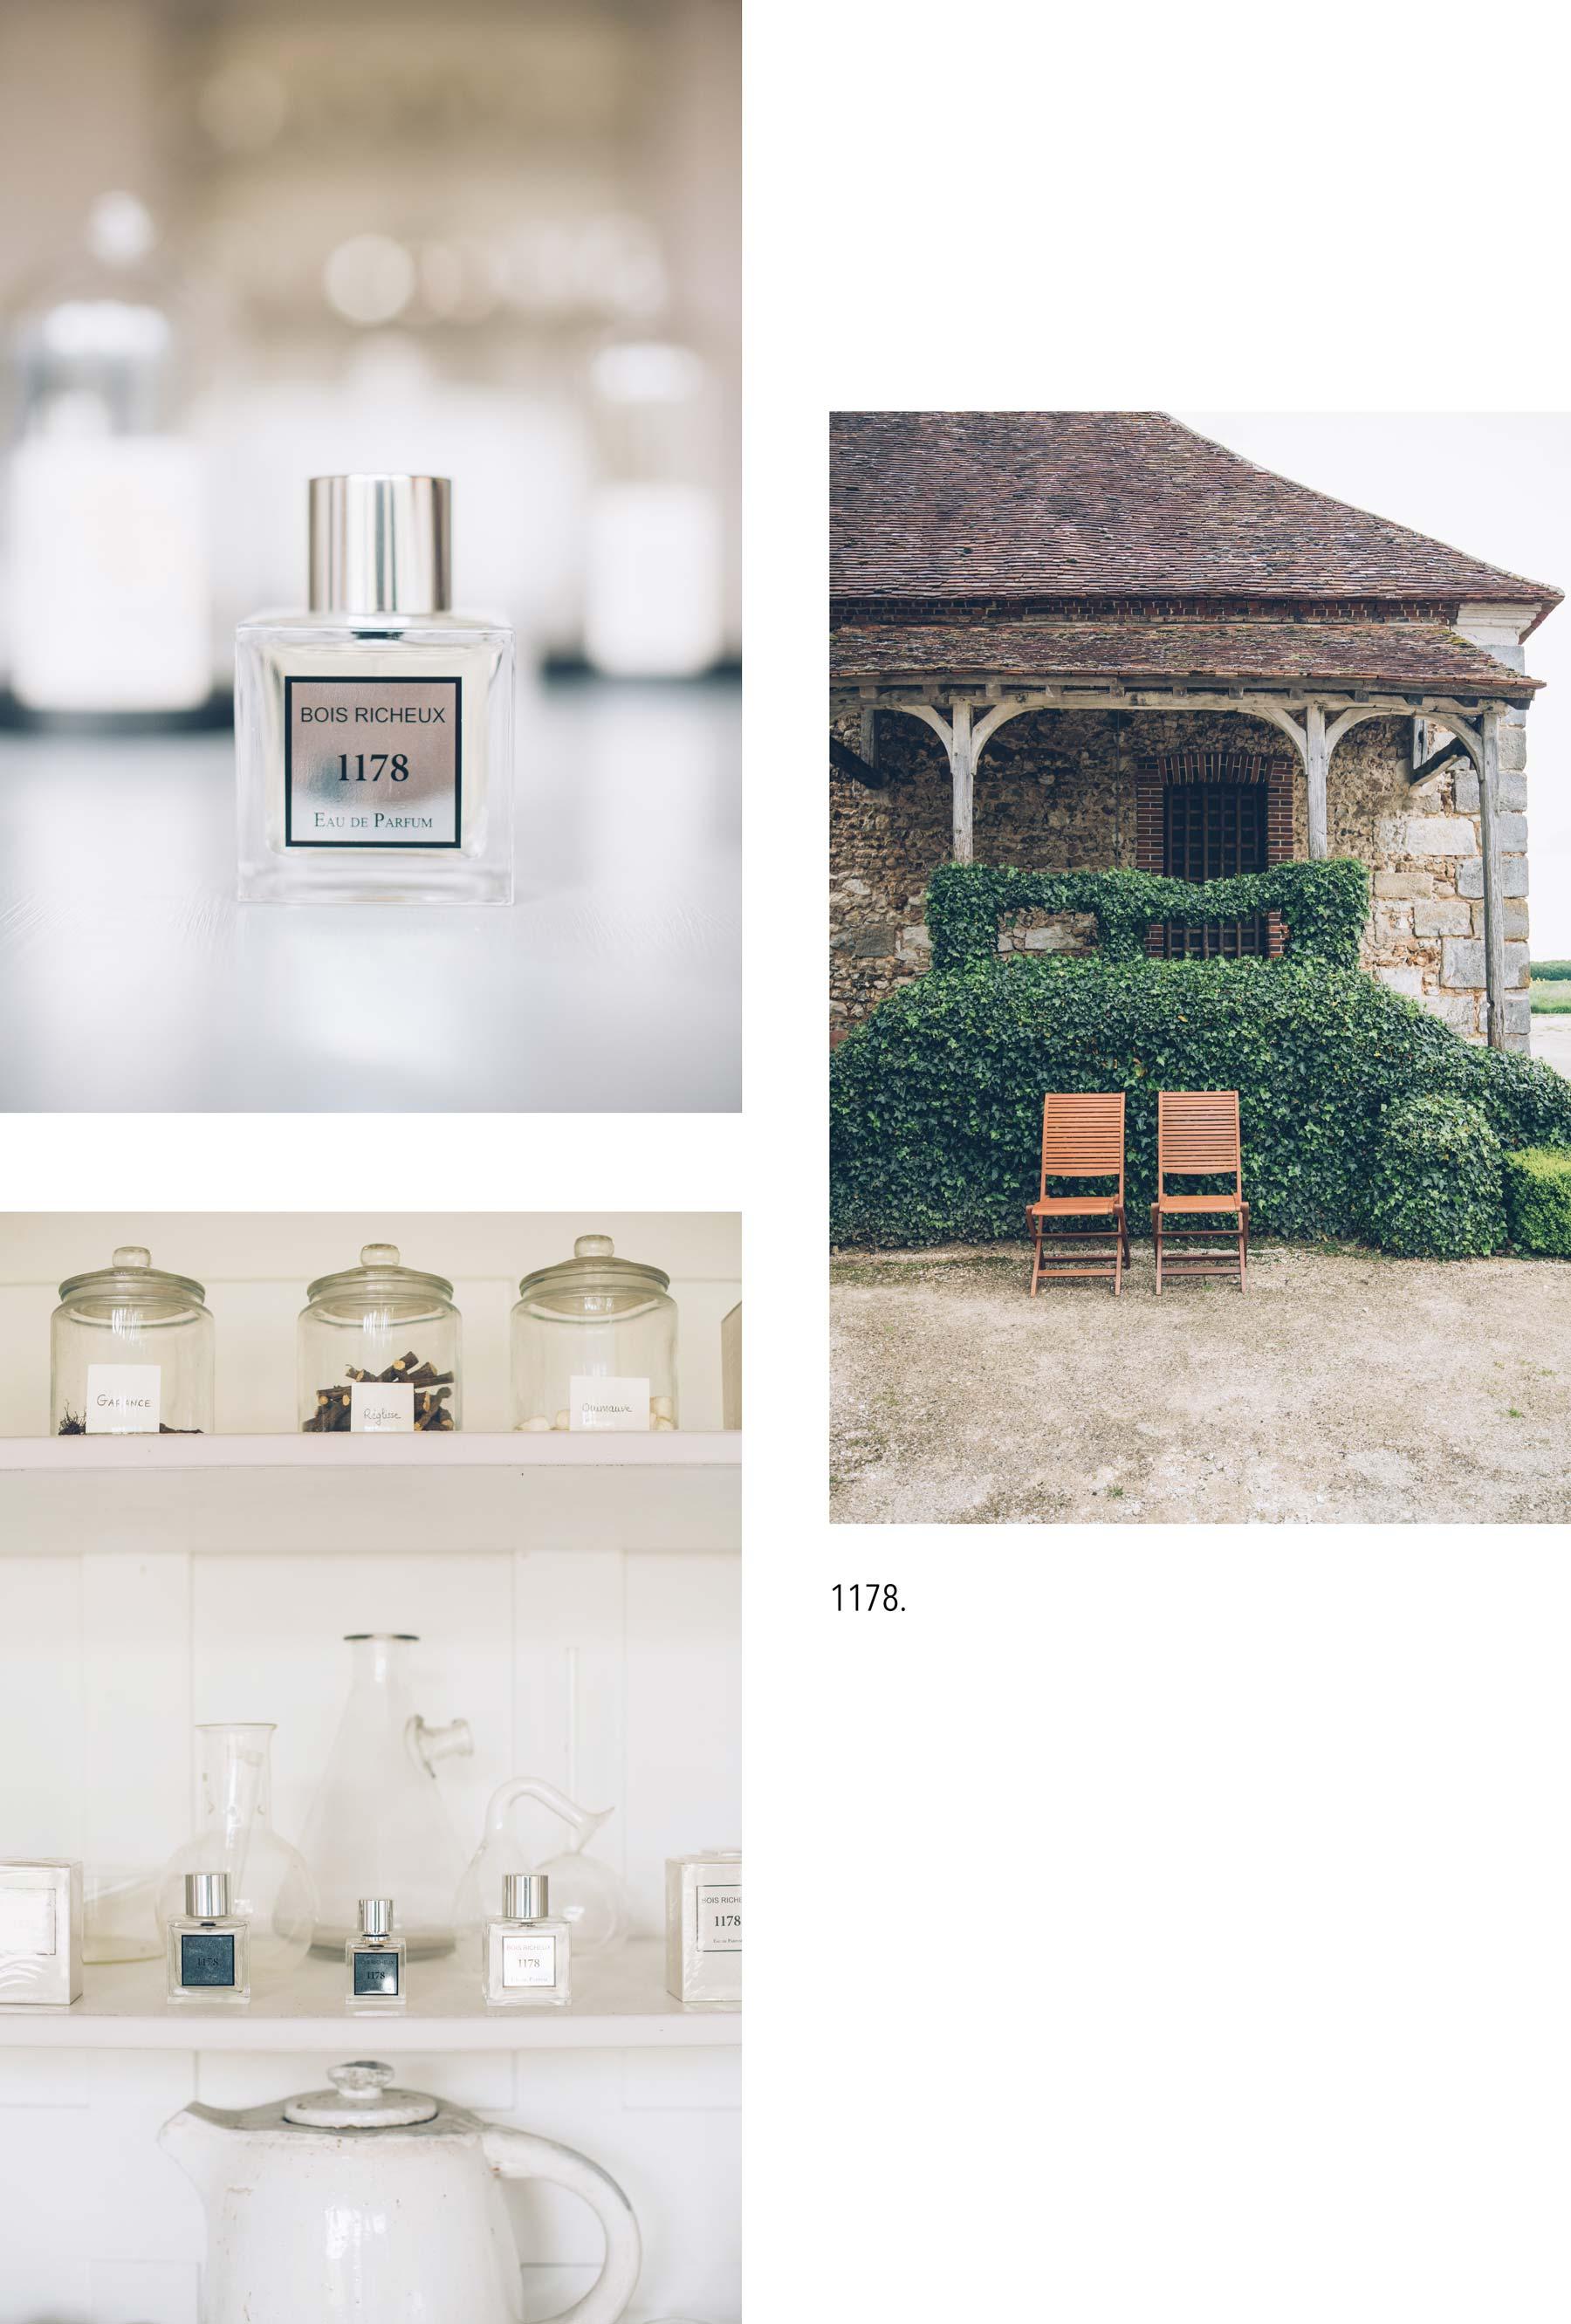 Parfum 1178, Bois Richeux